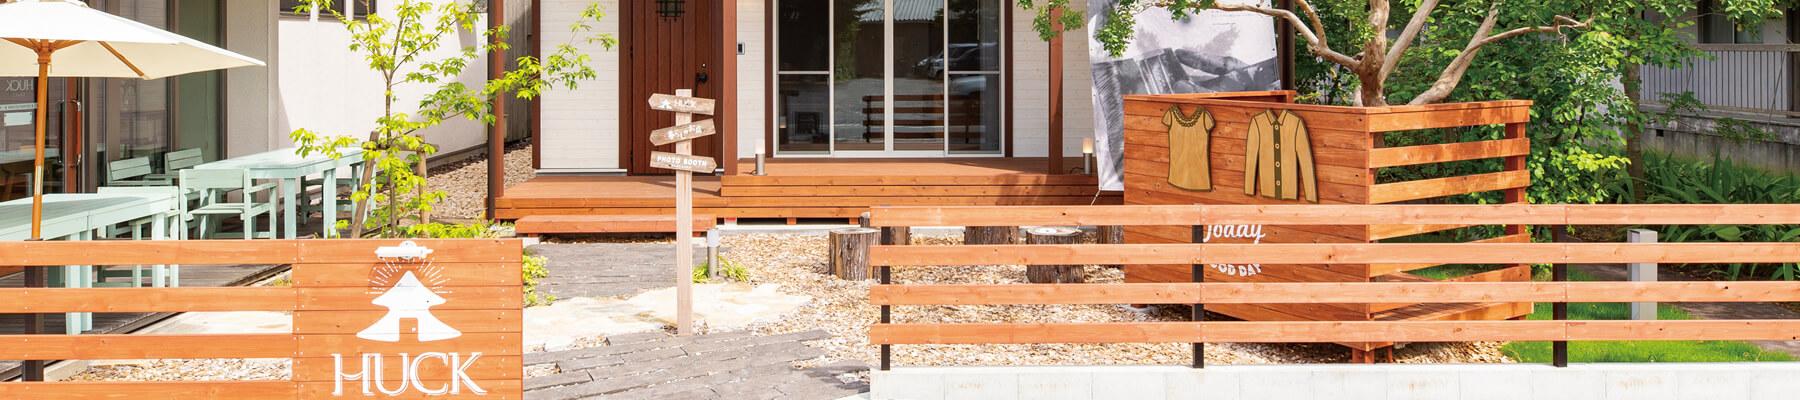 宿泊体験申し込み|安水建設|愛知県三河エリアの木造注文住宅・リフォーム